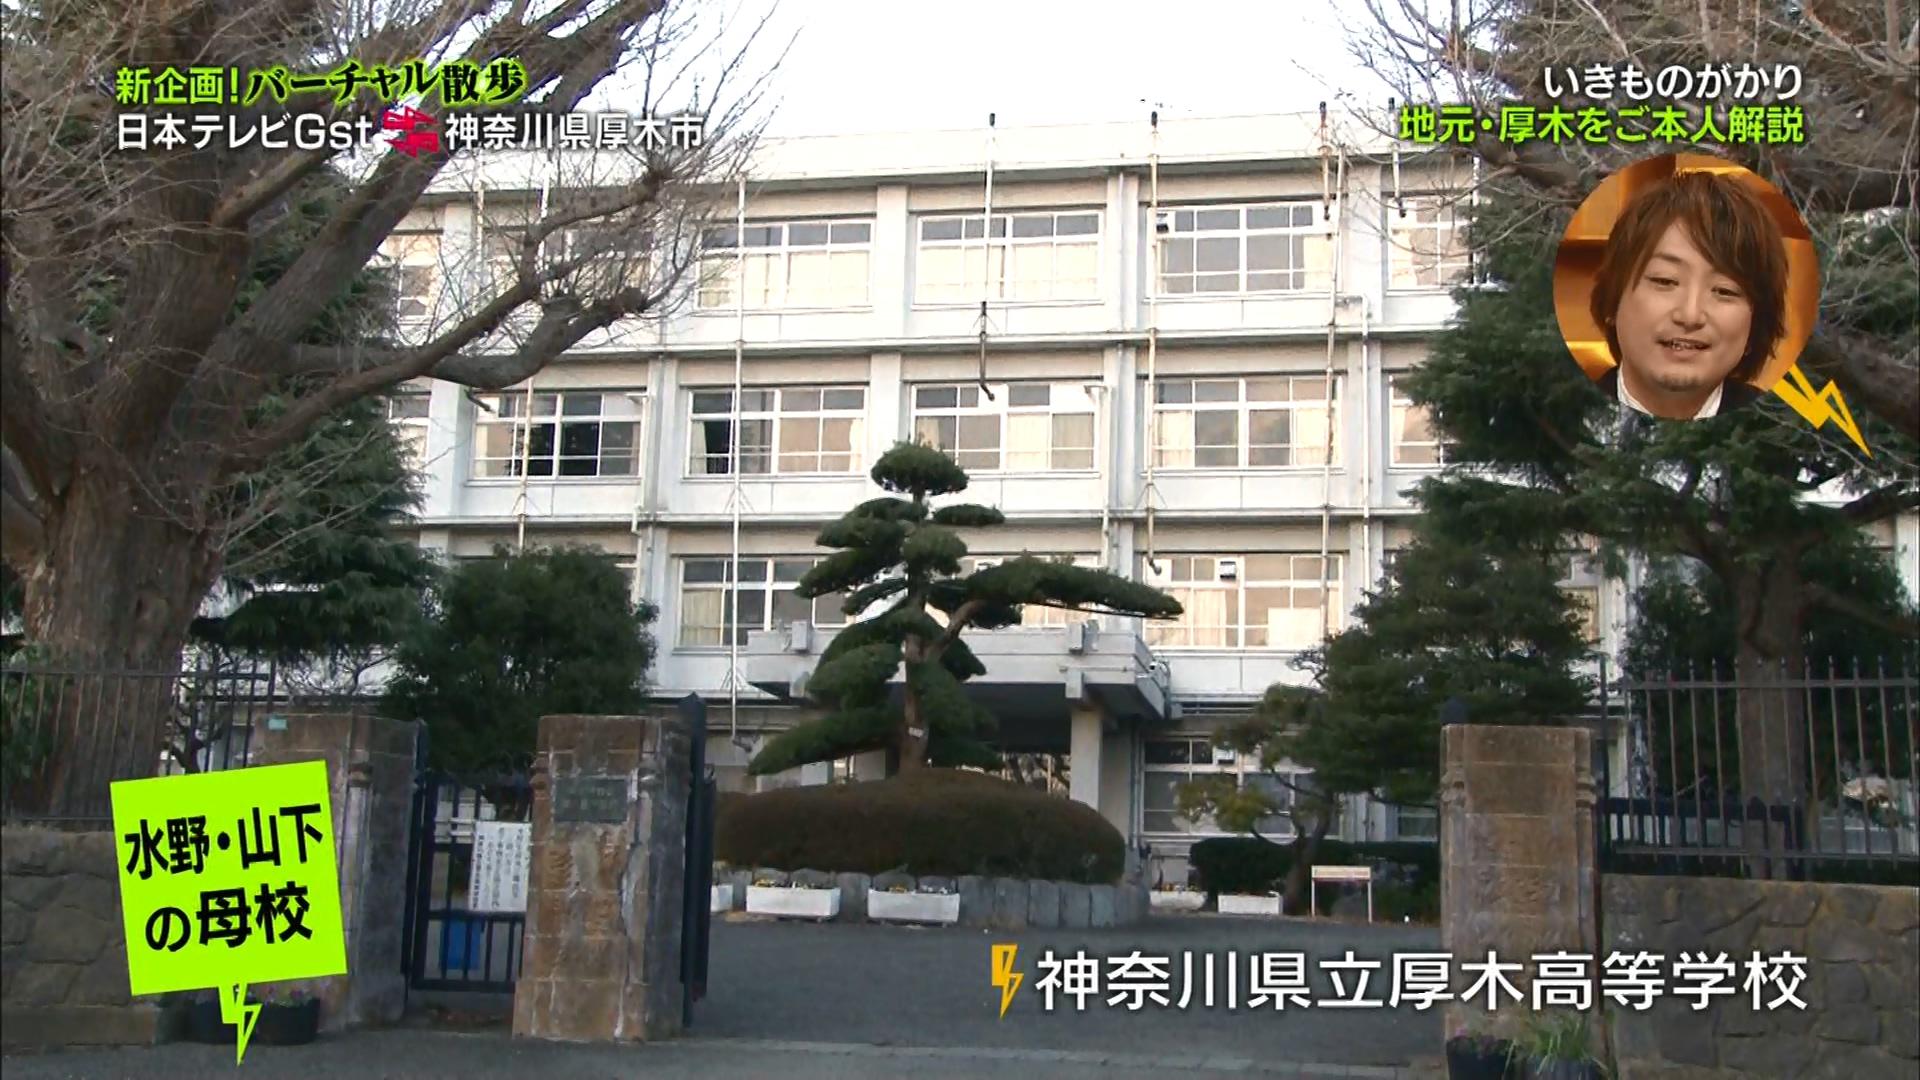 2016.03.11 全場(バズリズム).ts_20160312_013824.493